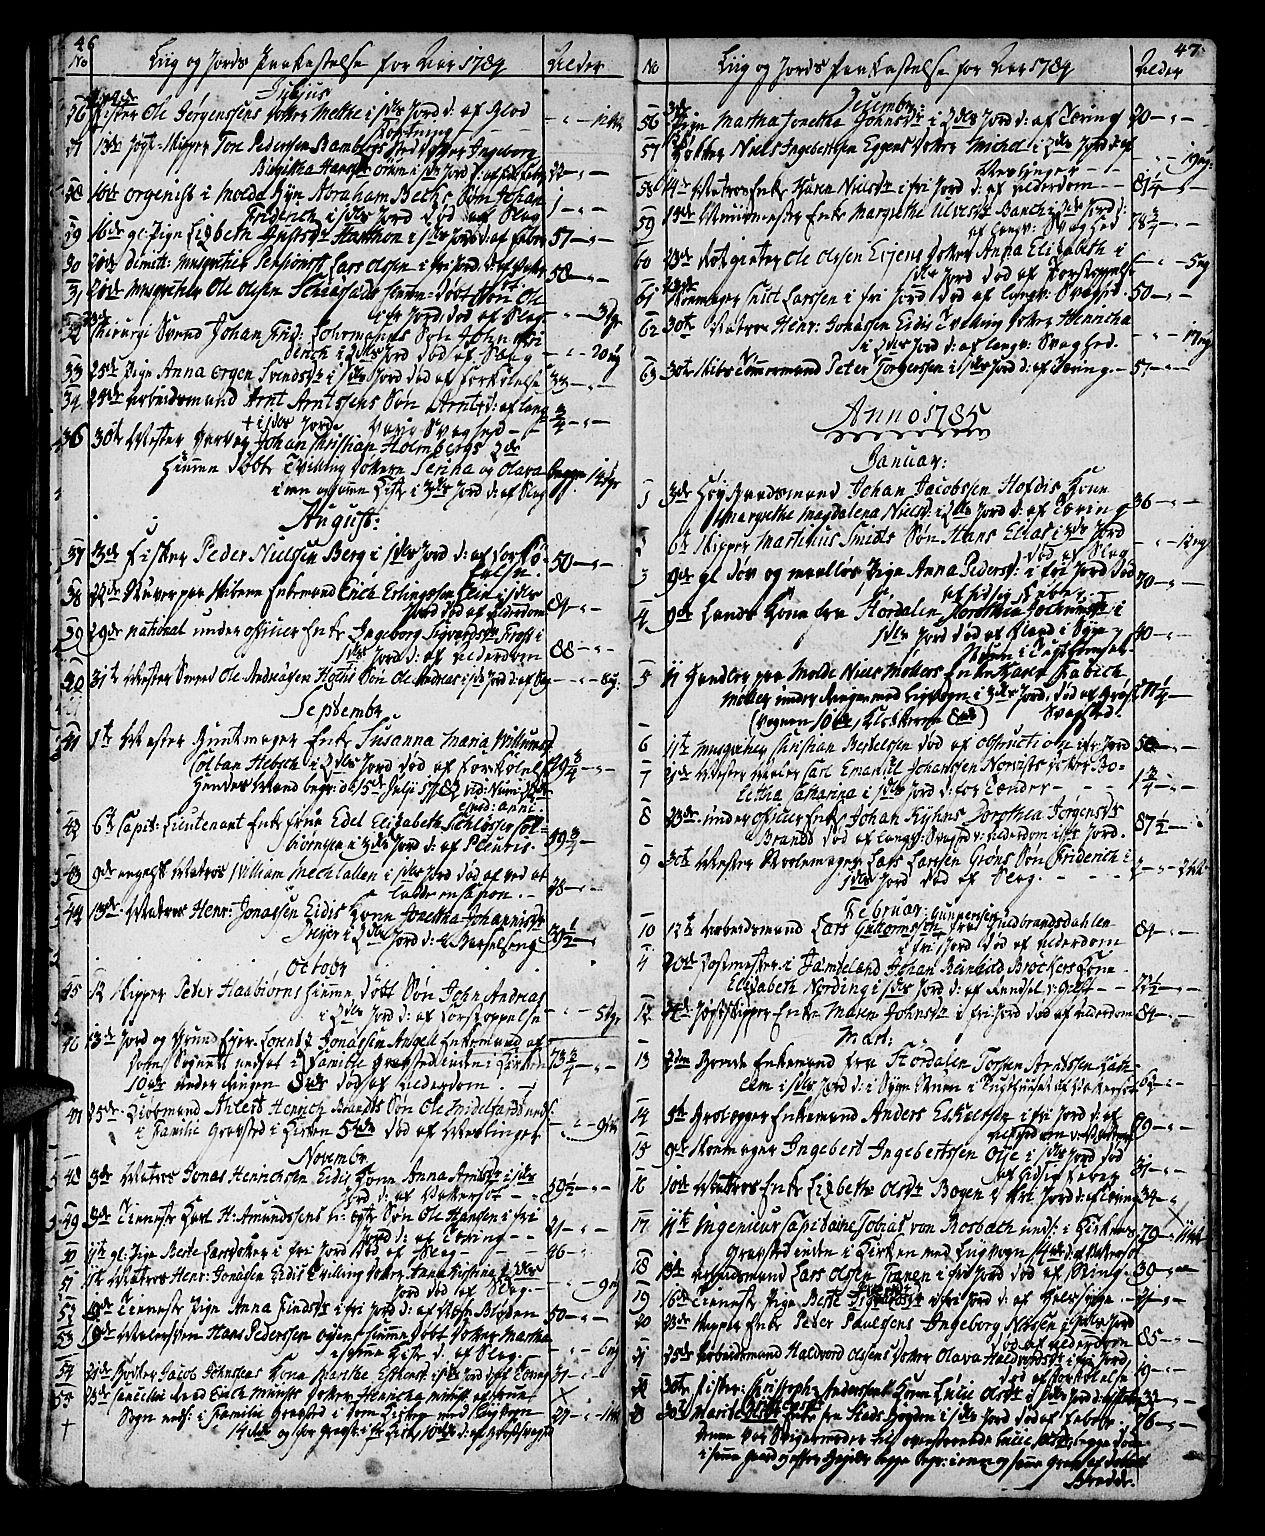 SAT, Ministerialprotokoller, klokkerbøker og fødselsregistre - Sør-Trøndelag, 602/L0134: Klokkerbok nr. 602C02, 1759-1812, s. 46-47